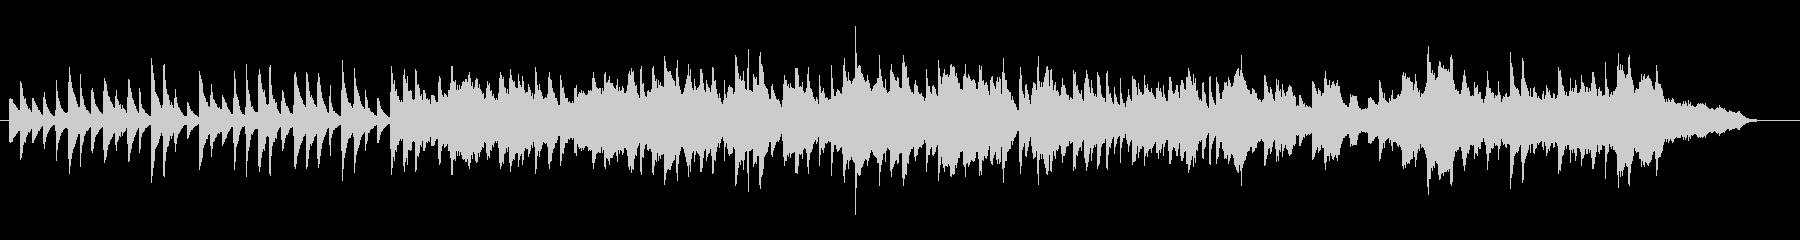 ピアノの旋律が印象的なバラードの未再生の波形